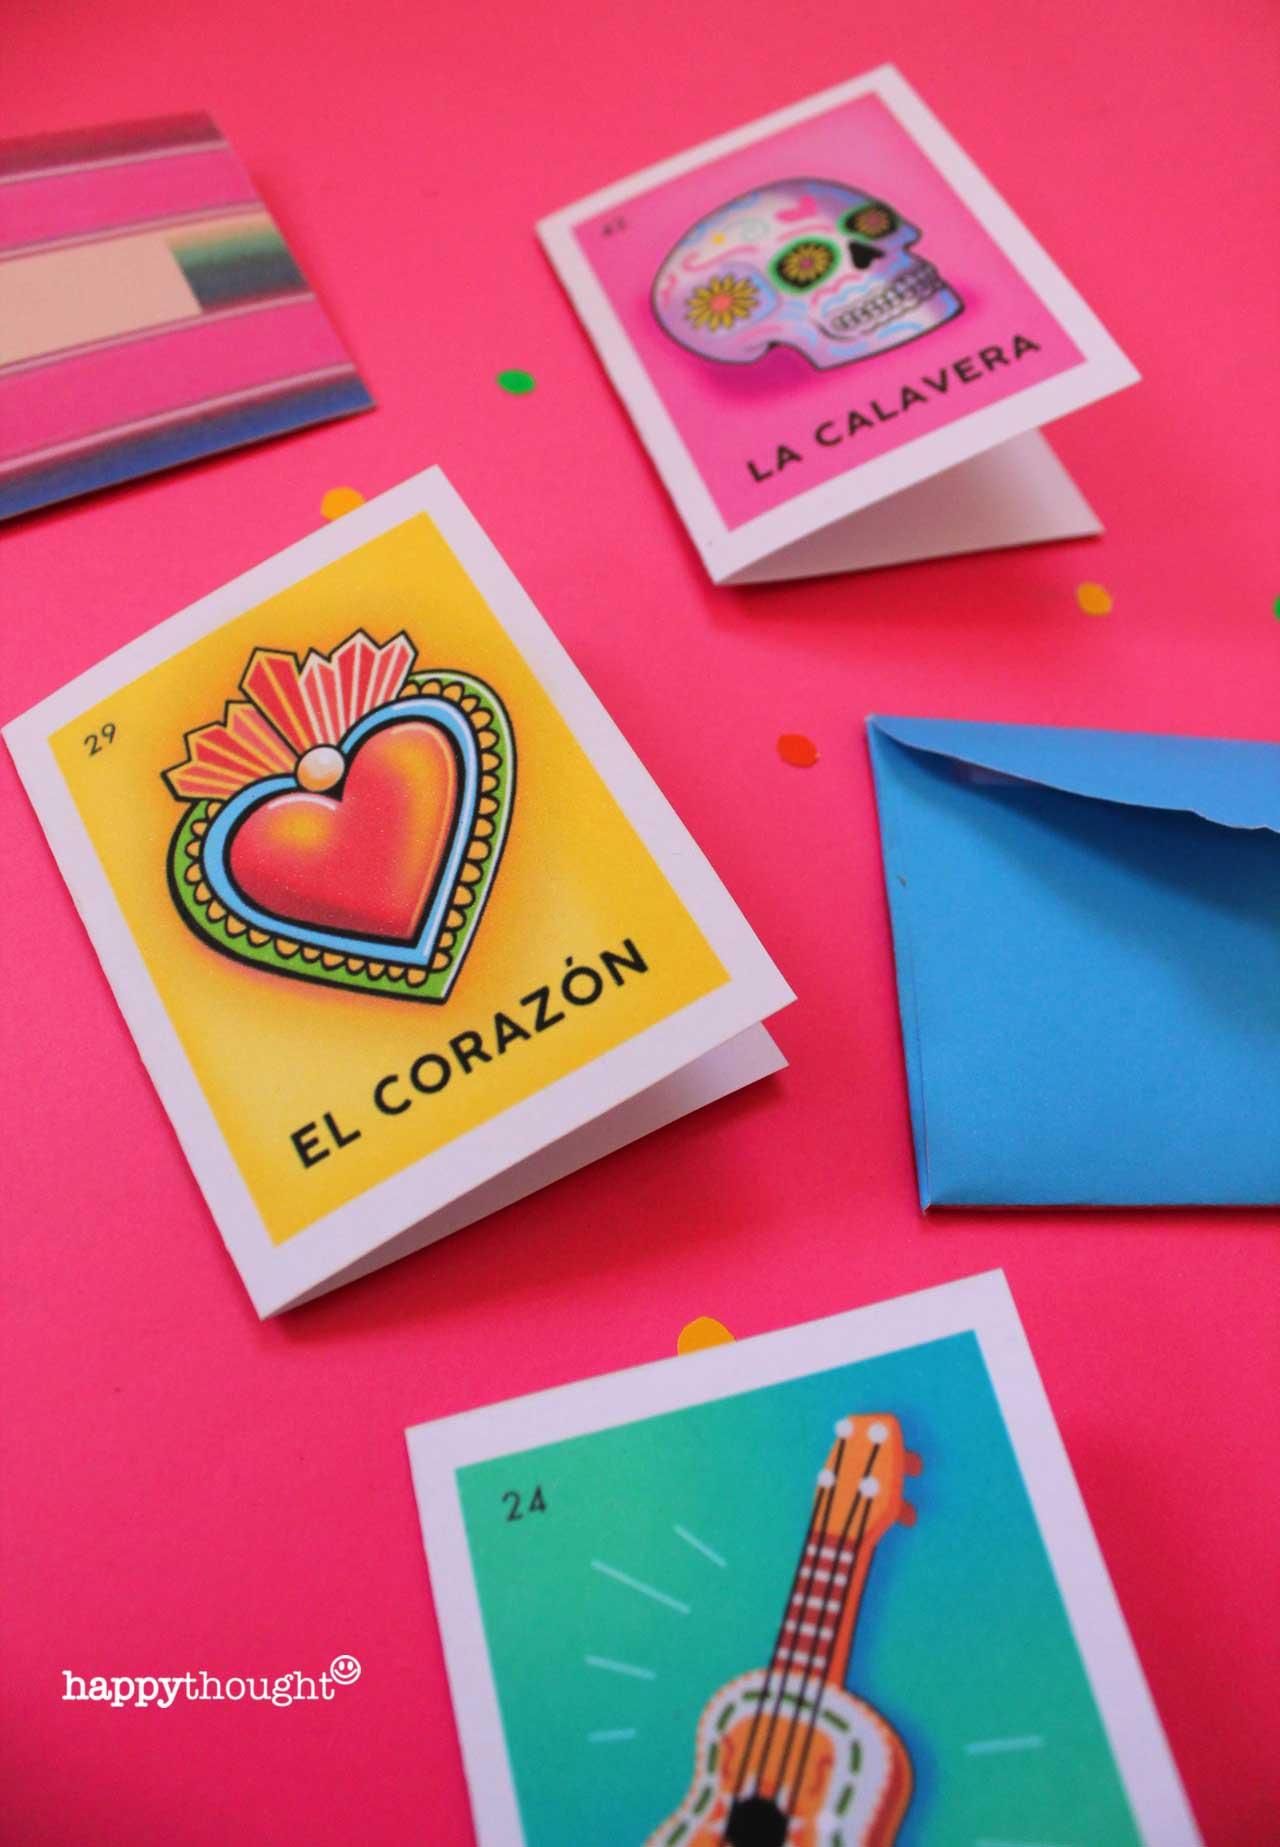 El Dia de los Muertos loteria cards DIY ideas